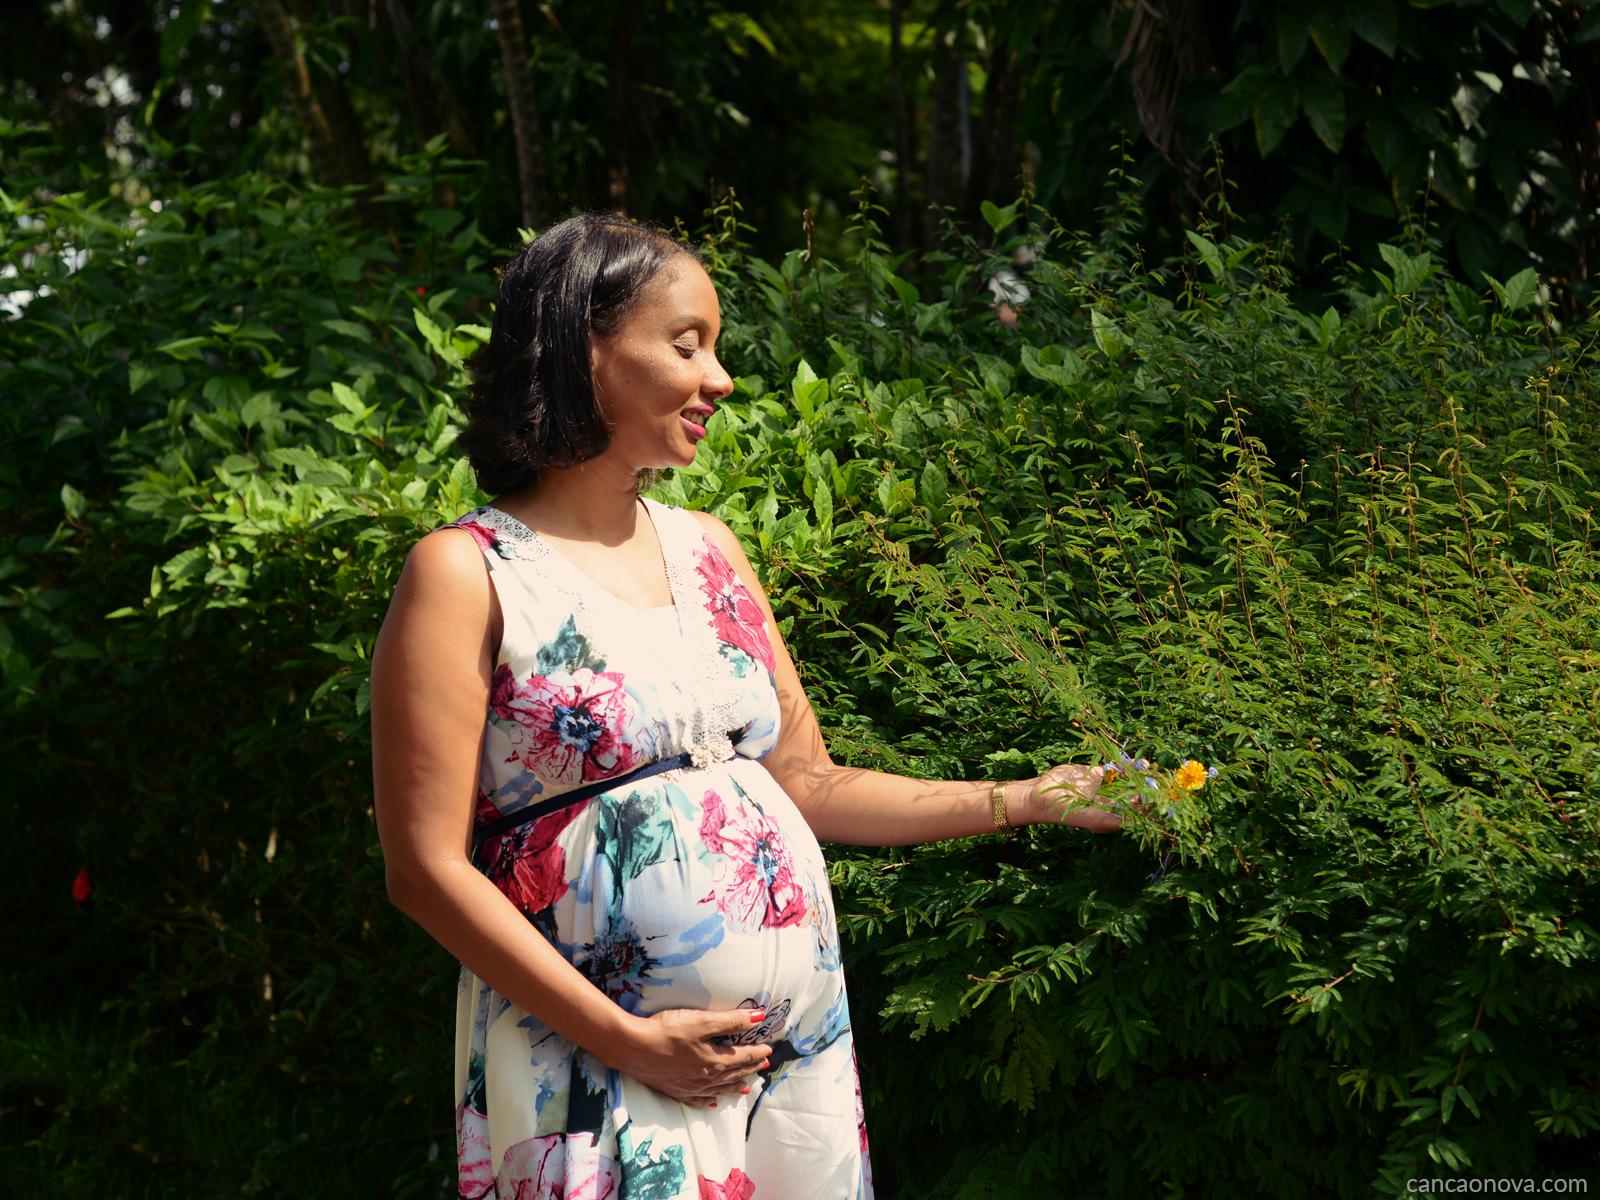 Gestação e saúde emocional: como lidar?